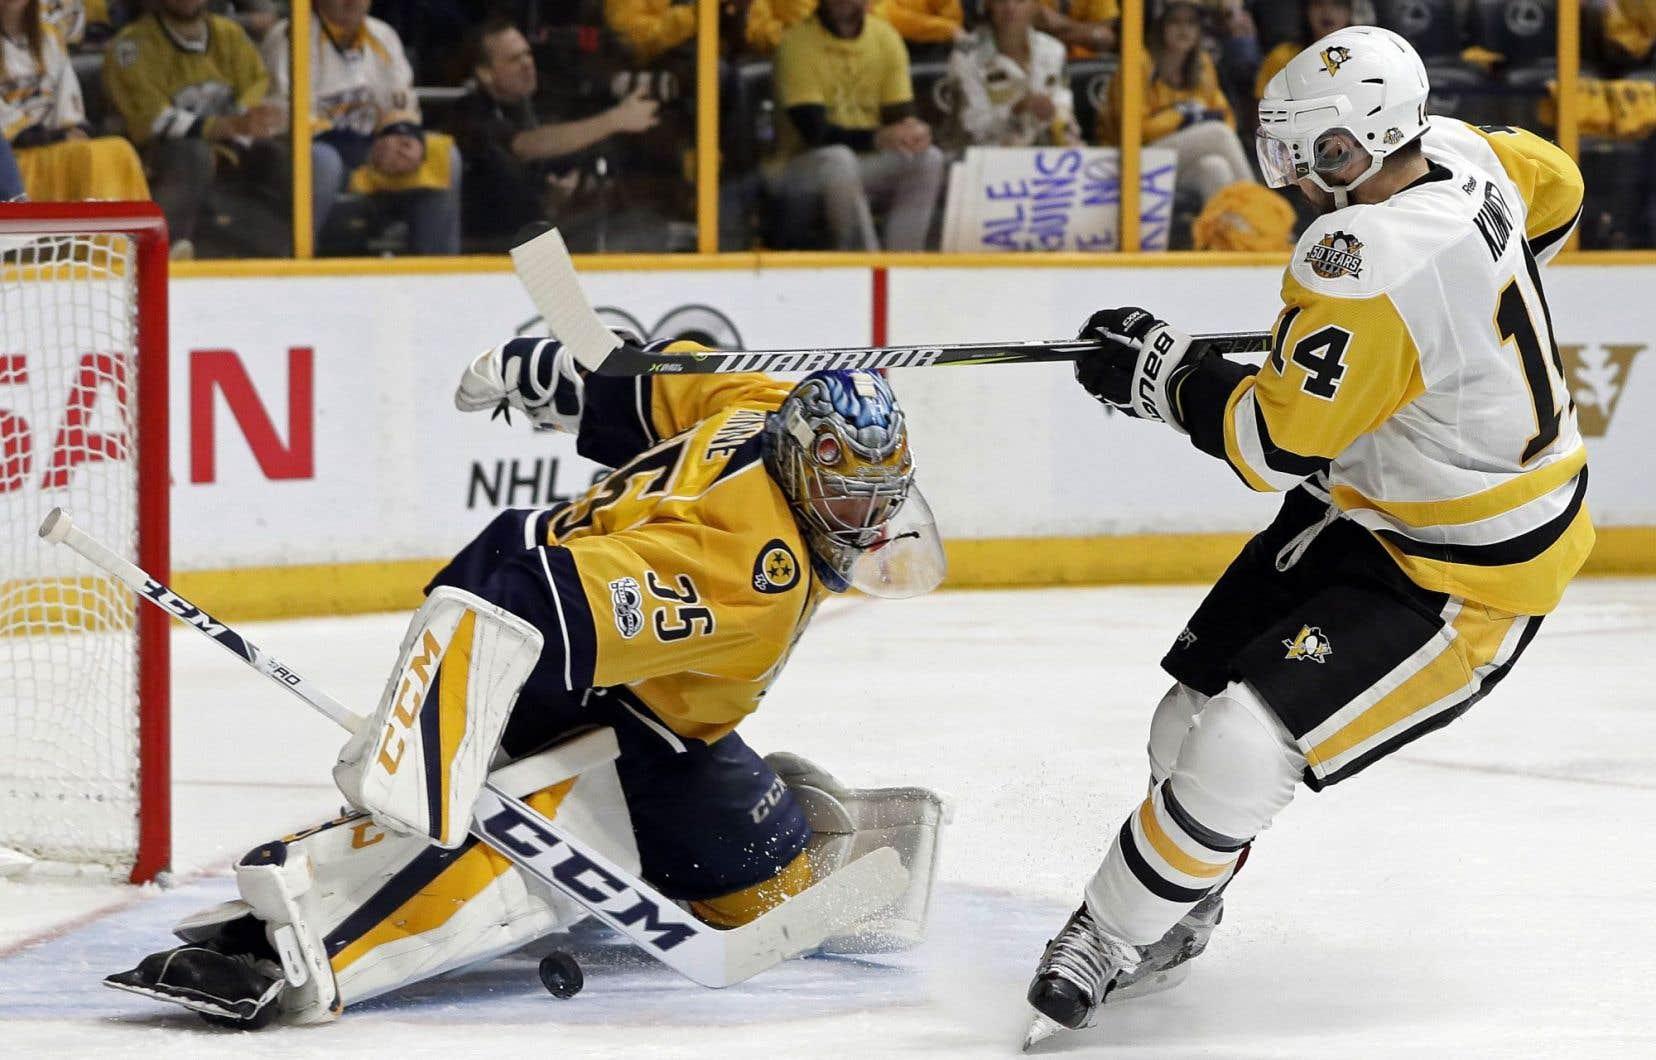 Les Predators ont réussi à museler la puissante attaque des Penguins pour un deuxième match de suite.